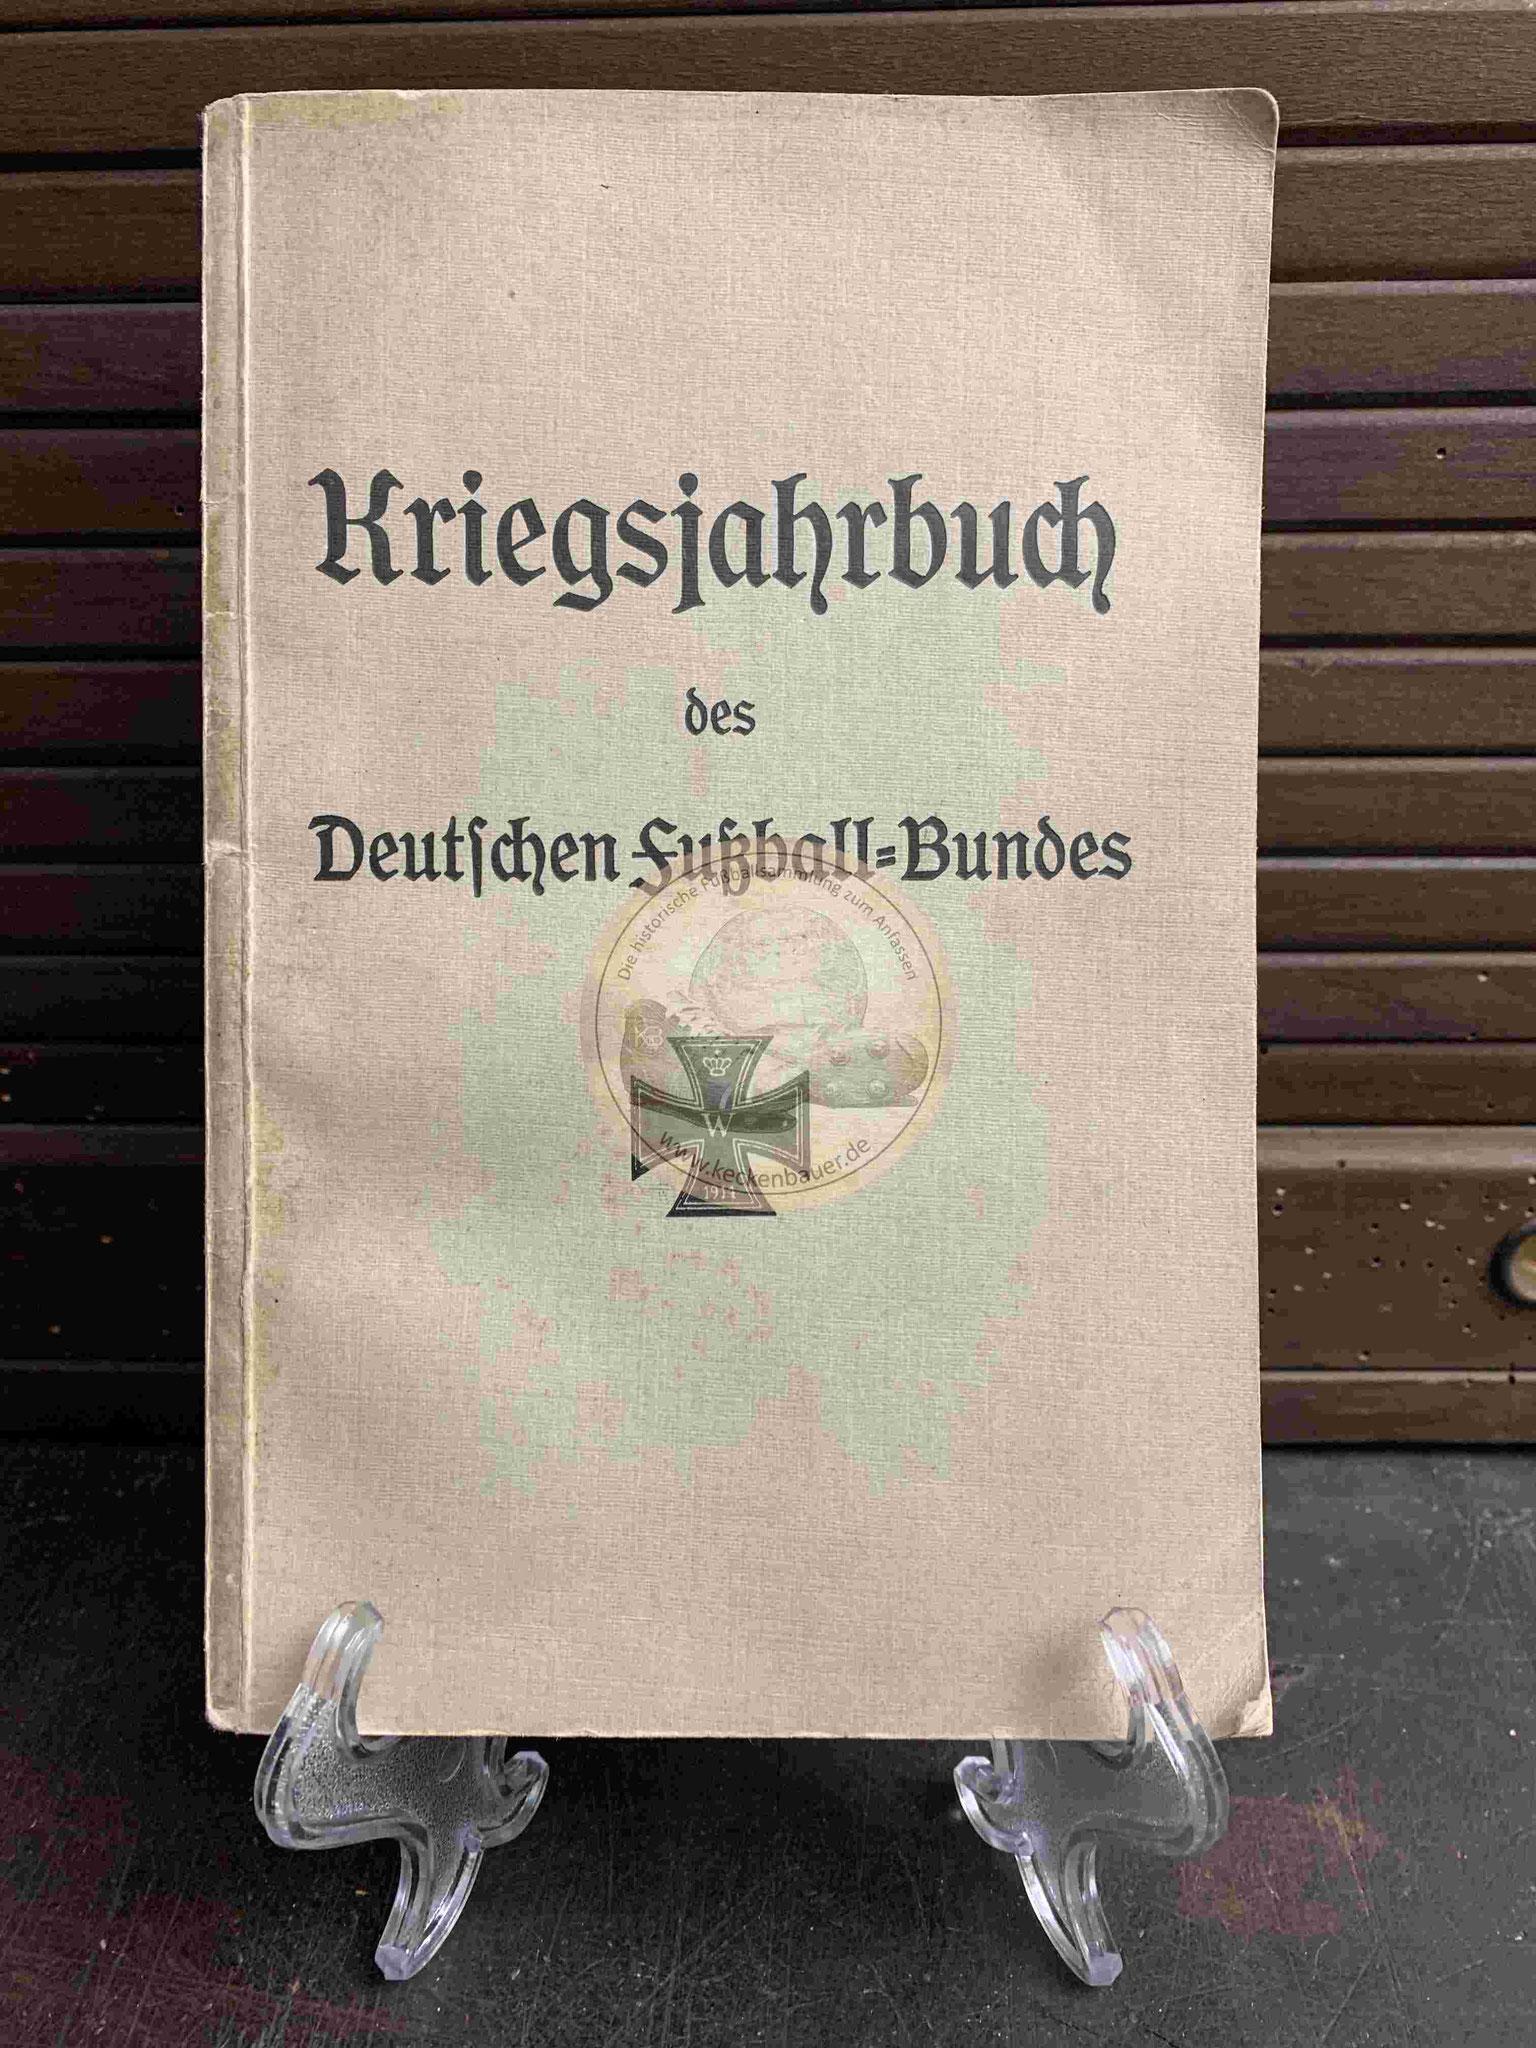 Deutsche Fußball Kriegsjahrbuch vom DFB aus dem Jahr 1914 mit Stempeln aus dem Jugendheim Steinhorst